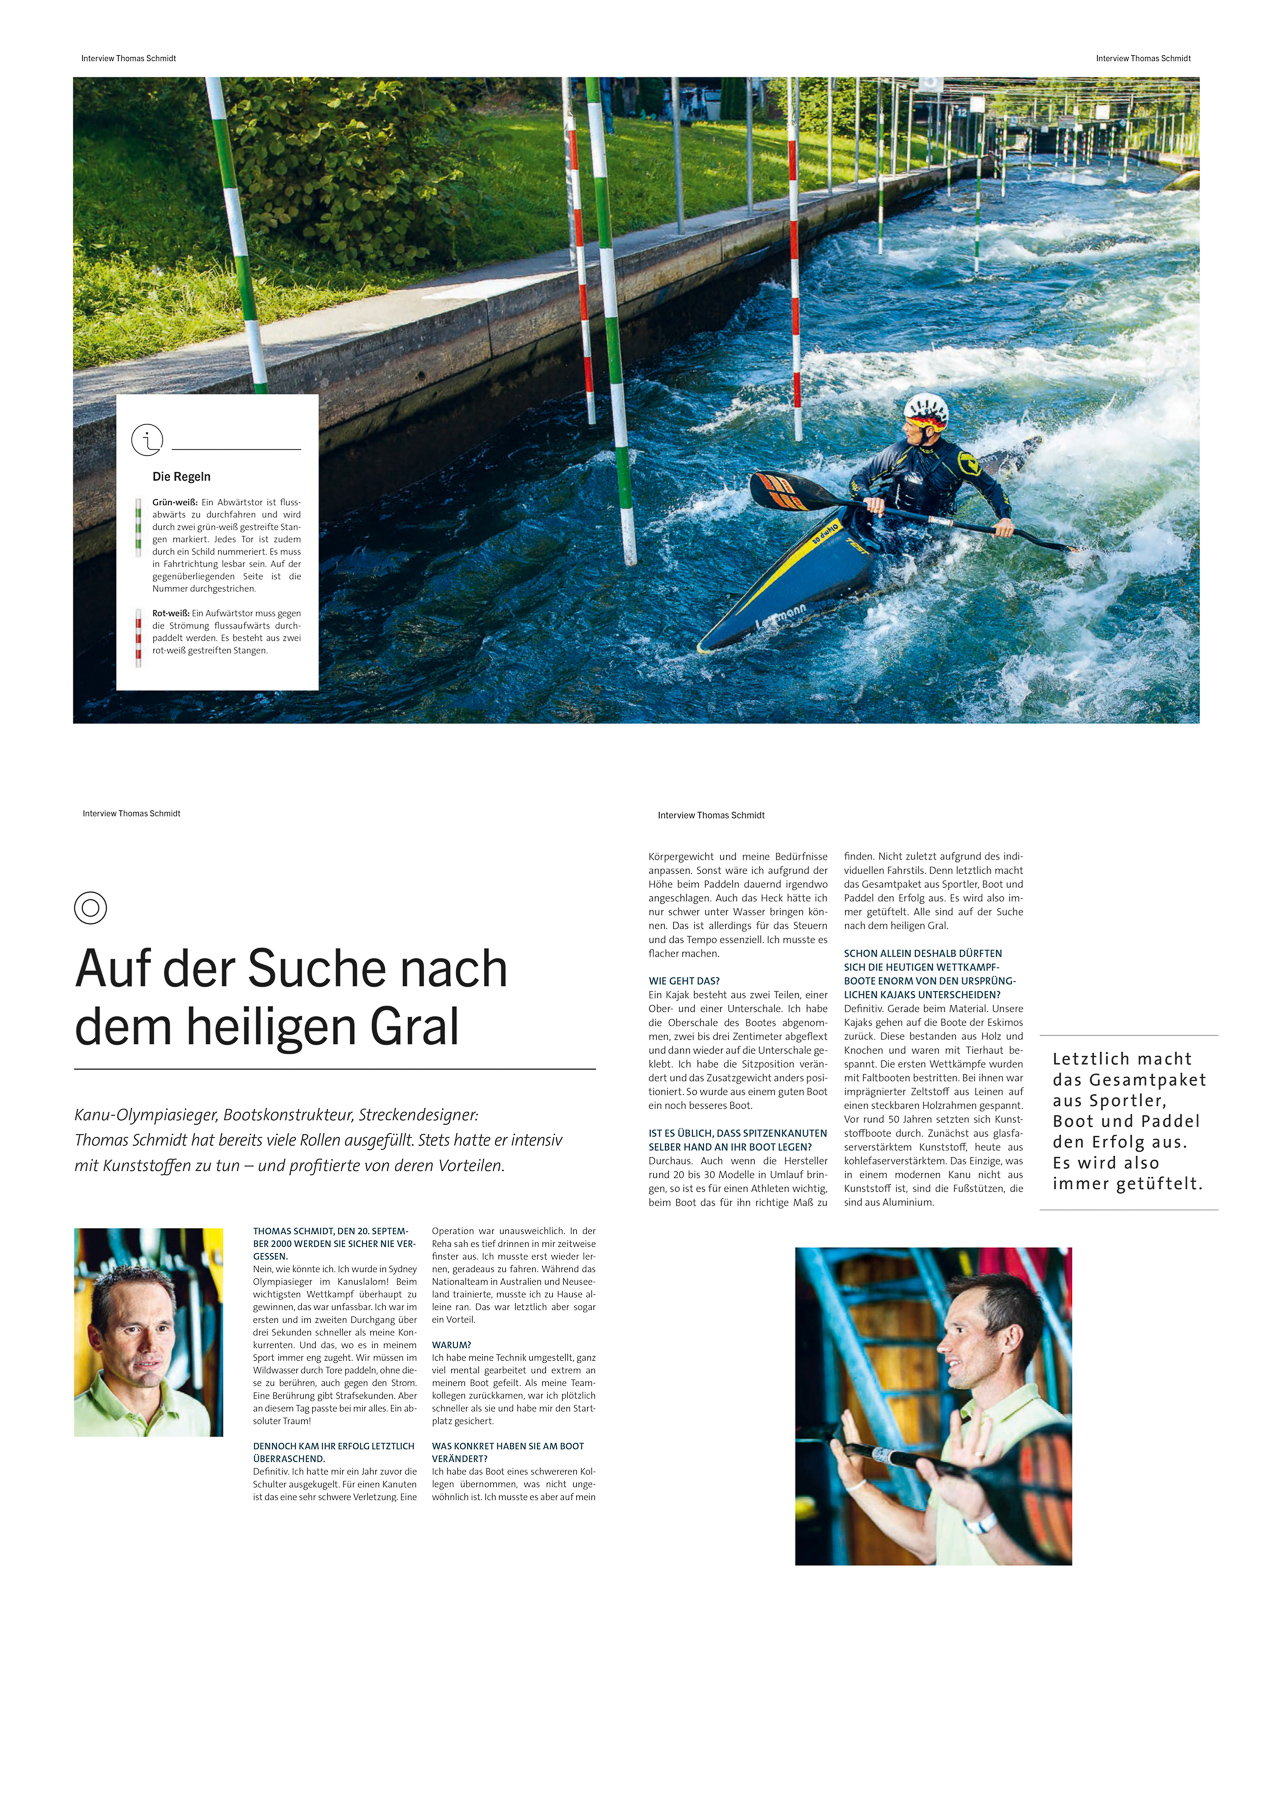 Kanu-Olympiasieger Thomas Schmidt für Freudenberg